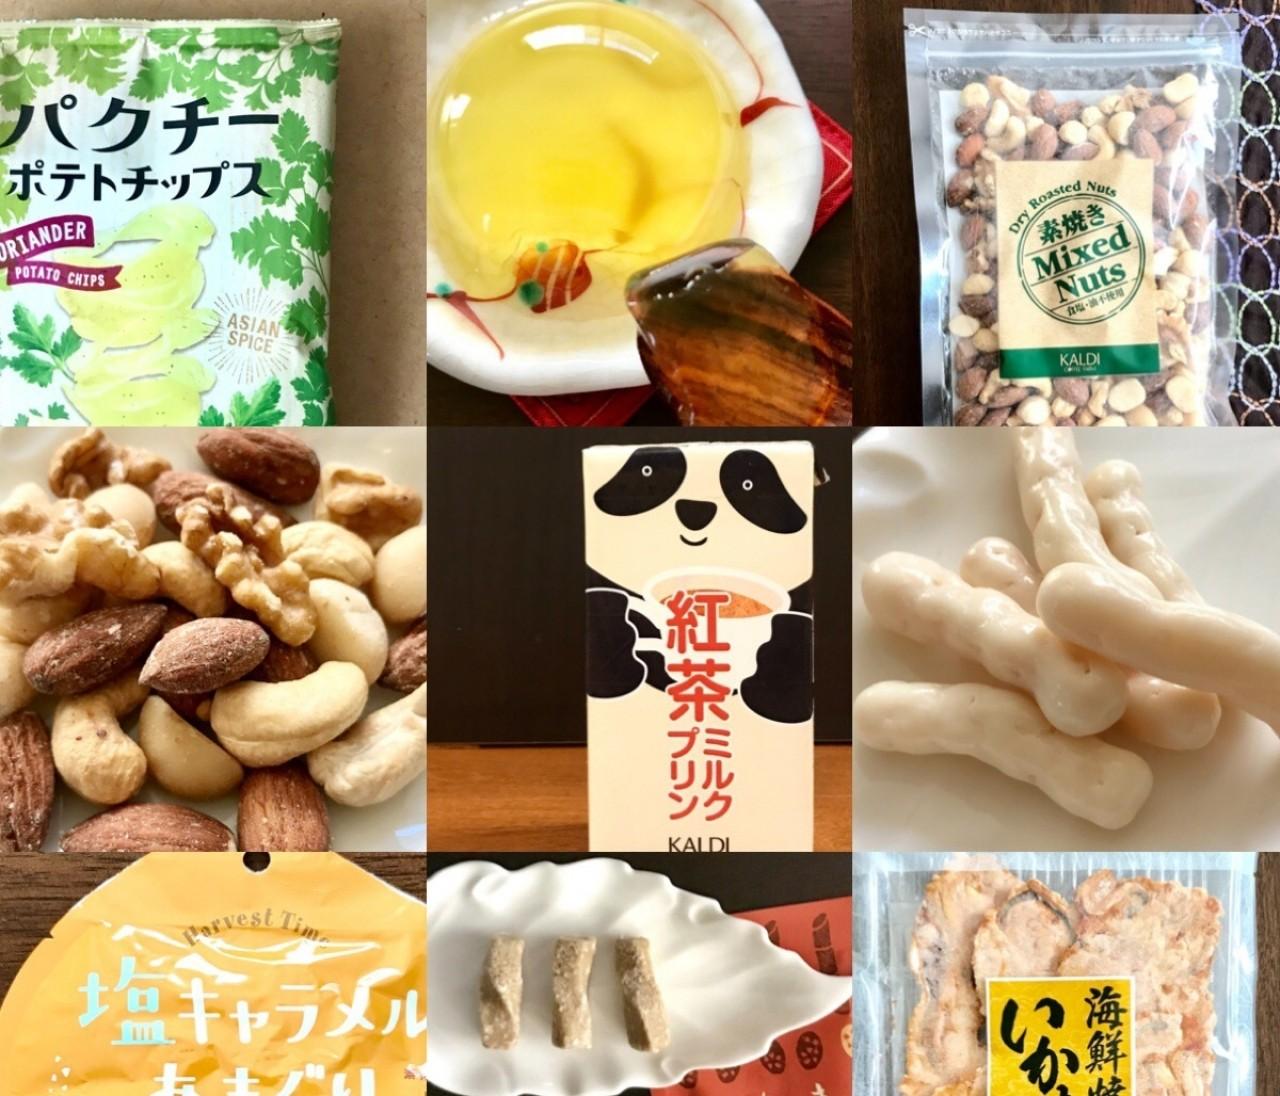 2019年も絶賛リピ買い中【カルディ(KALDI)】エディターお気に入りお菓子&デザートBEST9